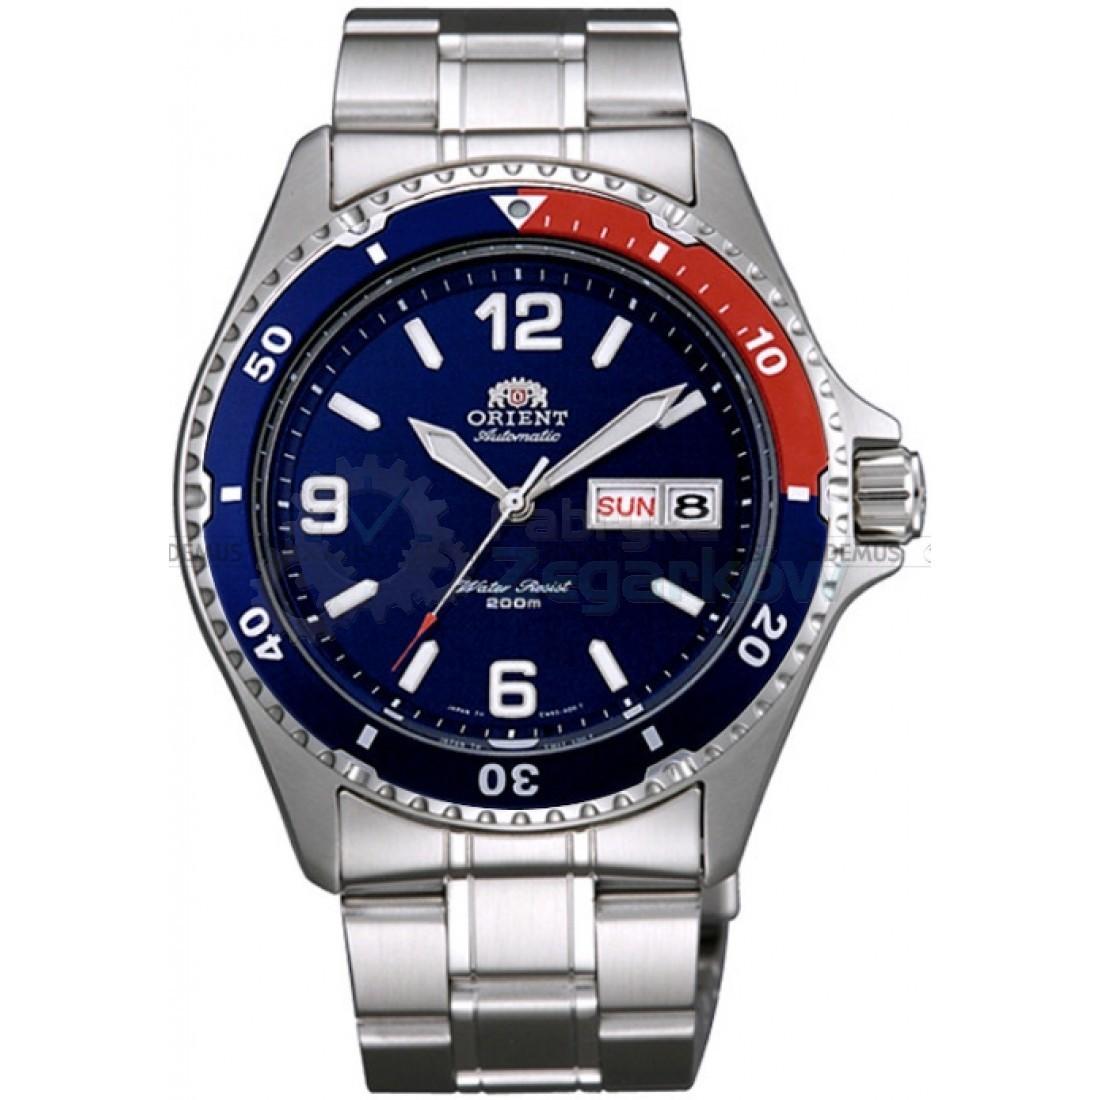 Orient AA02009D / FAA02009D9 - мужские наручные часыORIENT<br><br><br>Бренд: ORIENT<br>Модель: ORIENT AA02009D<br>Артикул: AA02009D<br>Вариант артикула: FAA02009D9<br>Коллекция: None<br>Подколлекция: None<br>Страна: Япония<br>Пол: мужские<br>Тип механизма: механические<br>Механизм: F69<br>Количество камней: None<br>Автоподзавод: есть<br>Источник энергии: пружинный механизм<br>Срок службы элемента питания: None<br>Дисплей: стрелки<br>Цифры: арабские<br>Водозащита: WR 200<br>Противоударные: None<br>Материал корпуса: нерж. сталь, PVD покрытие (частичное)<br>Материал браслета: нерж. сталь<br>Материал безеля: None<br>Стекло: минеральное<br>Антибликовое покрытие: None<br>Цвет корпуса: серебристый<br>Цвет браслета: серебристый<br>Цвет циферблата: None<br>Цвет безеля: None<br>Размеры: None<br>Диаметр: None<br>Диаметр корпуса: 41.5<br>Толщина: None<br>Ширина ремешка: None<br>Вес: None<br>Спорт-функции: None<br>Подсветка: стрелок<br>Вставка: None<br>Отображение даты: число, день недели<br>Хронограф: None<br>Таймер: None<br>Термометр: None<br>Хронометр: None<br>GPS: None<br>Радиосинхронизация: None<br>Барометр: None<br>Скелетон: None<br>Дополнительная информация: None<br>Дополнительные функции: None